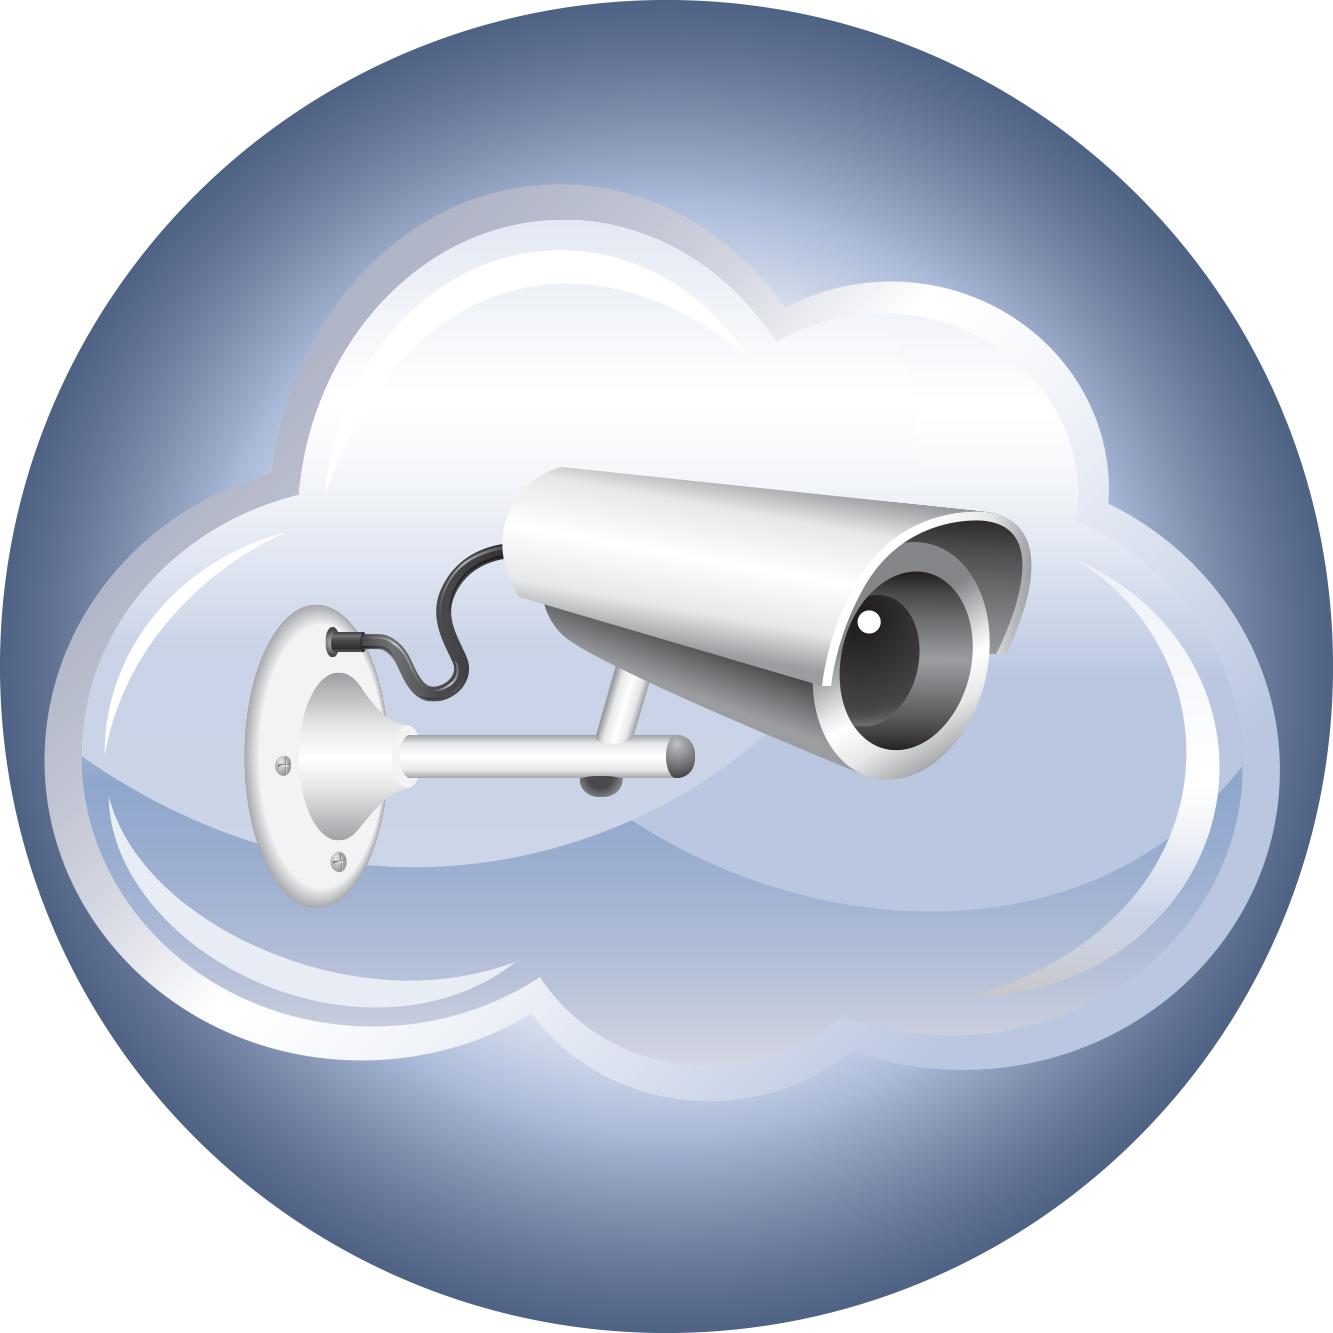 Запись в облако, с помощью ip камеры